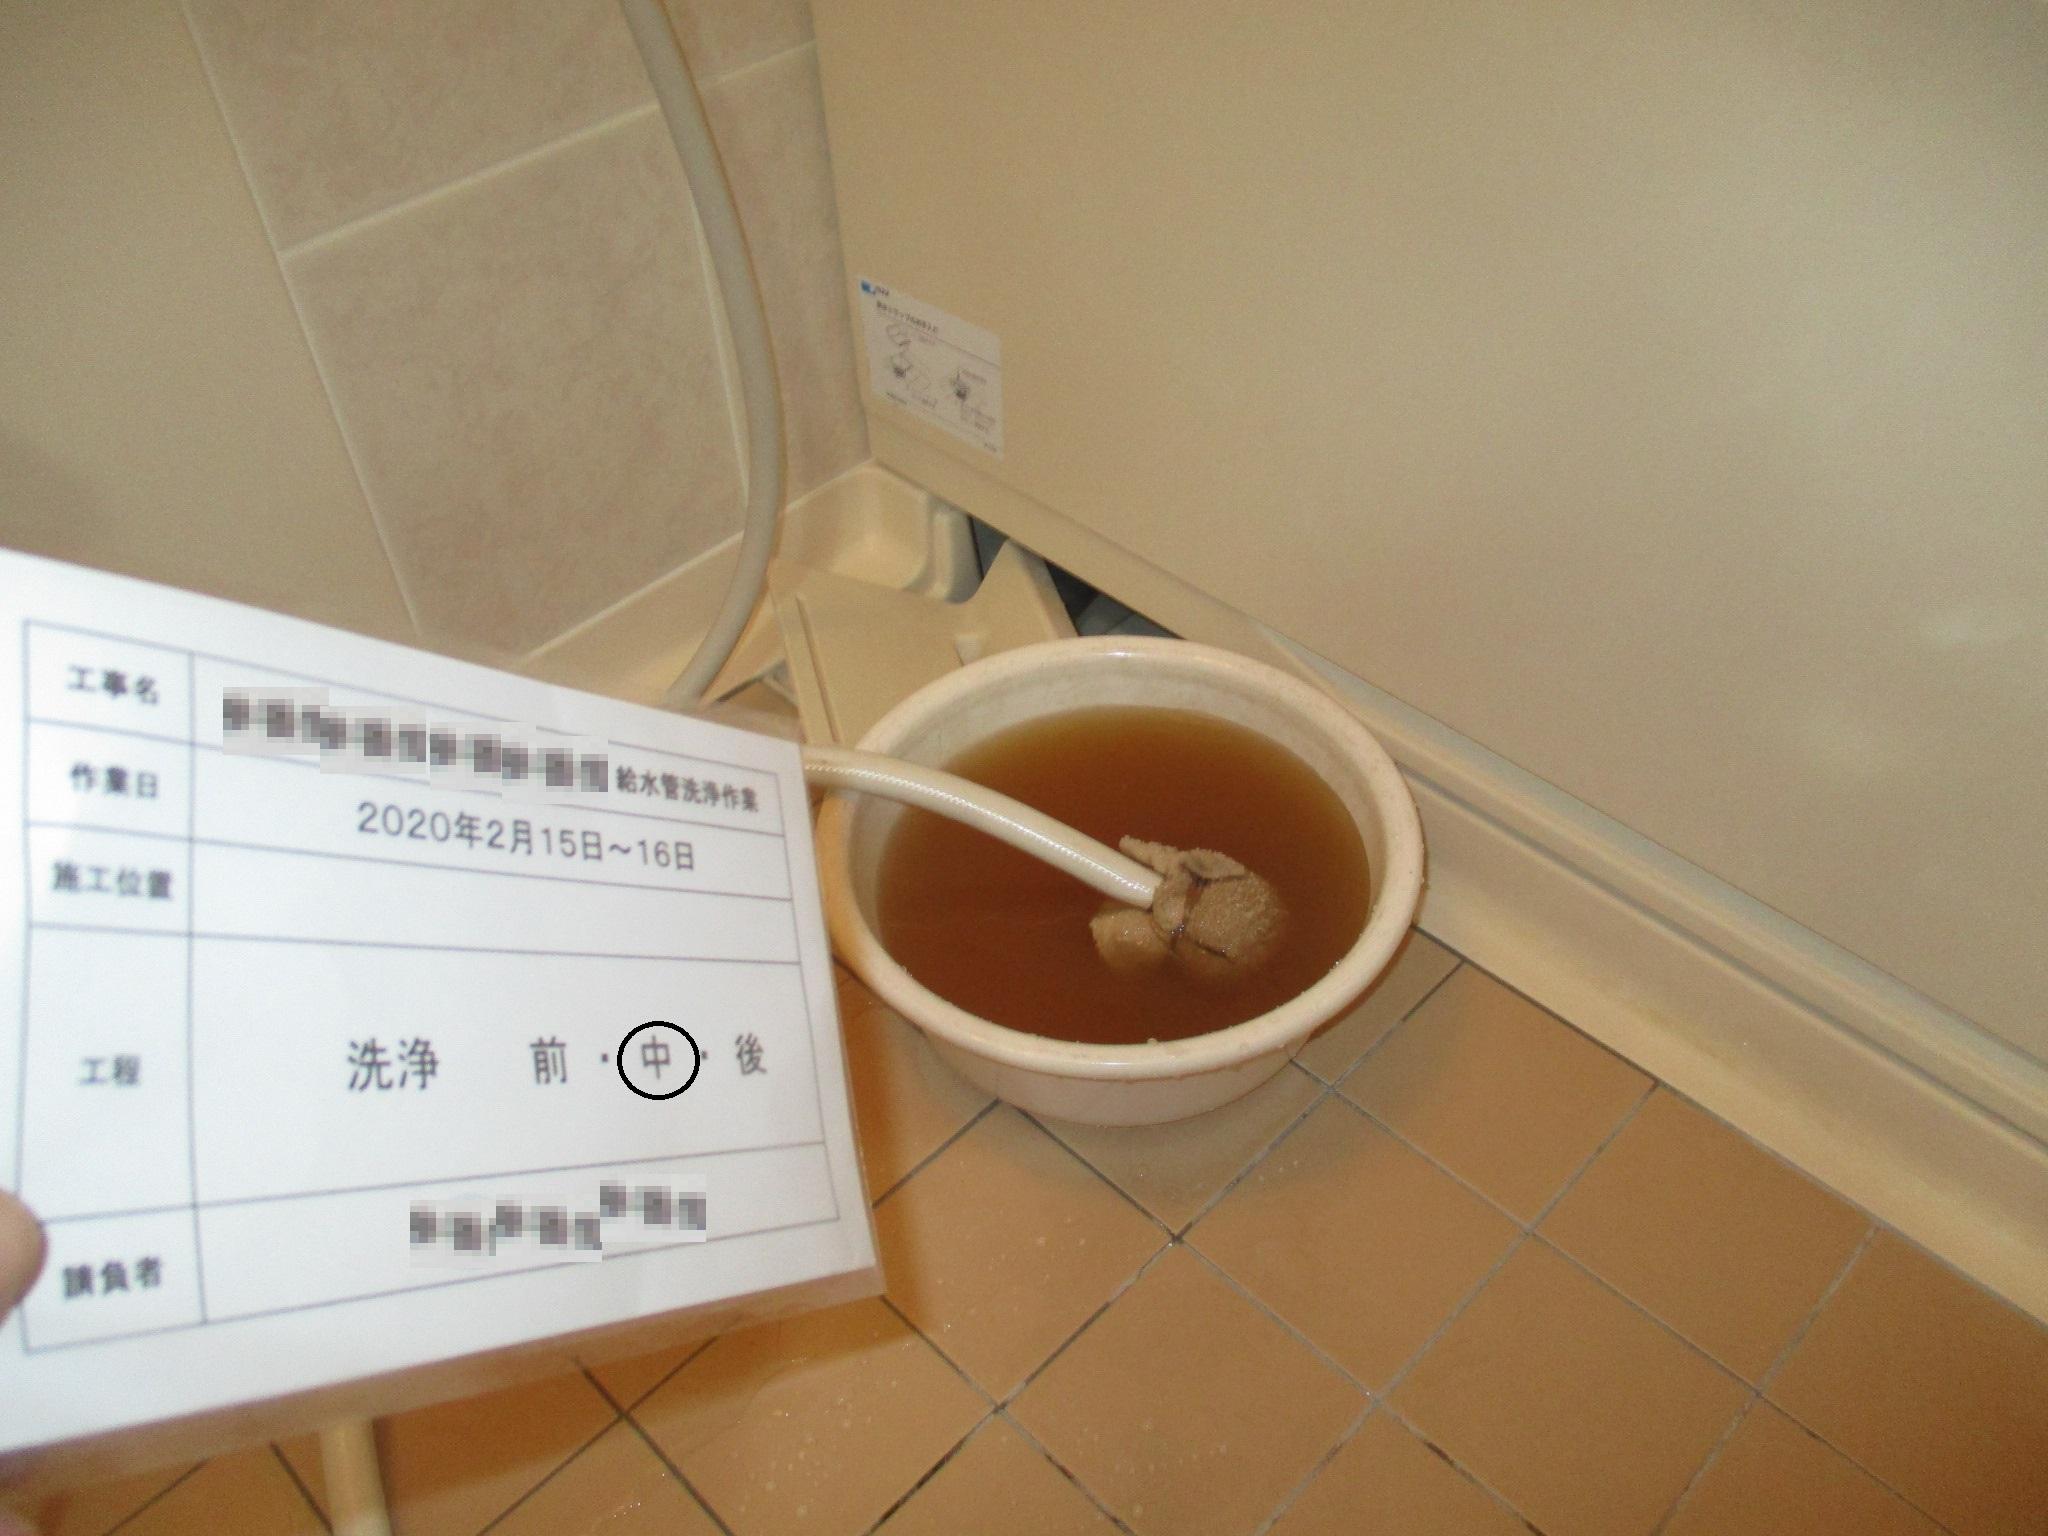 洗濯機用水道にホースを接続し浴室へ排出